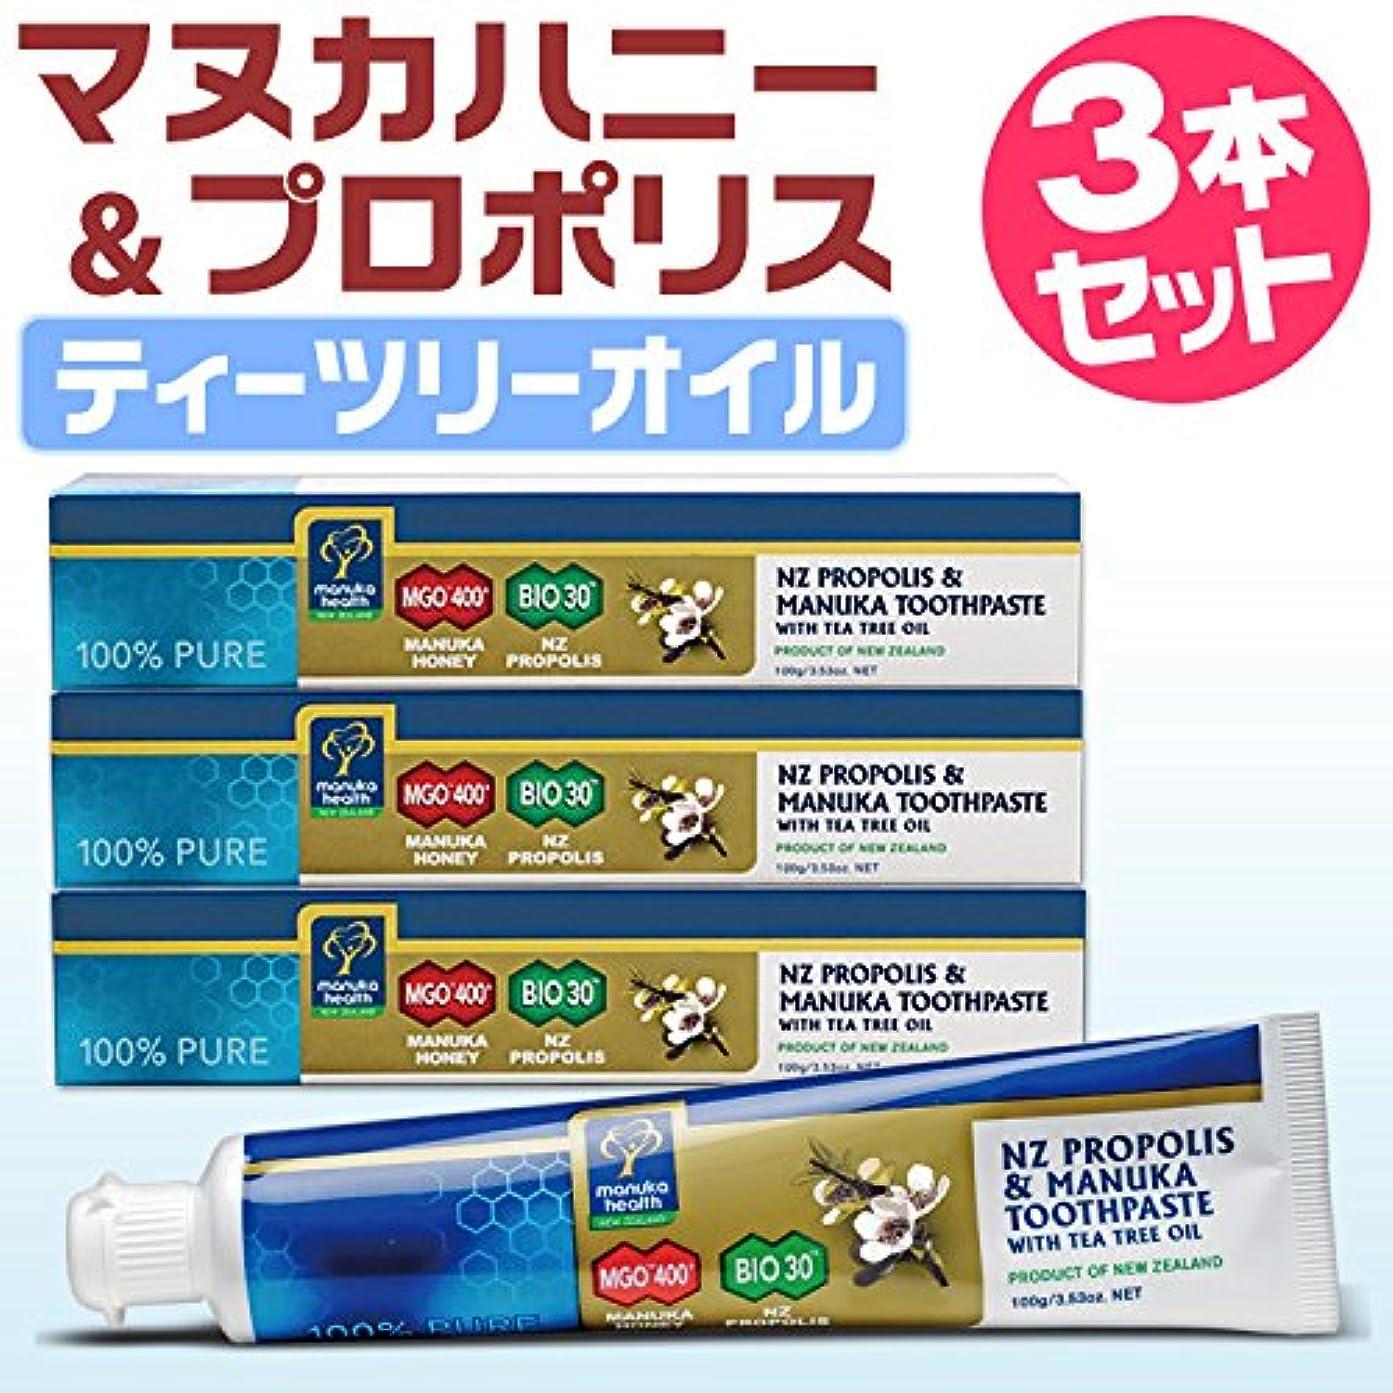 私たち早める保全プロポリス&マヌカハニー MGO400+ ティーツリーオイル 歯磨き粉[100g]◆3本セット◆青